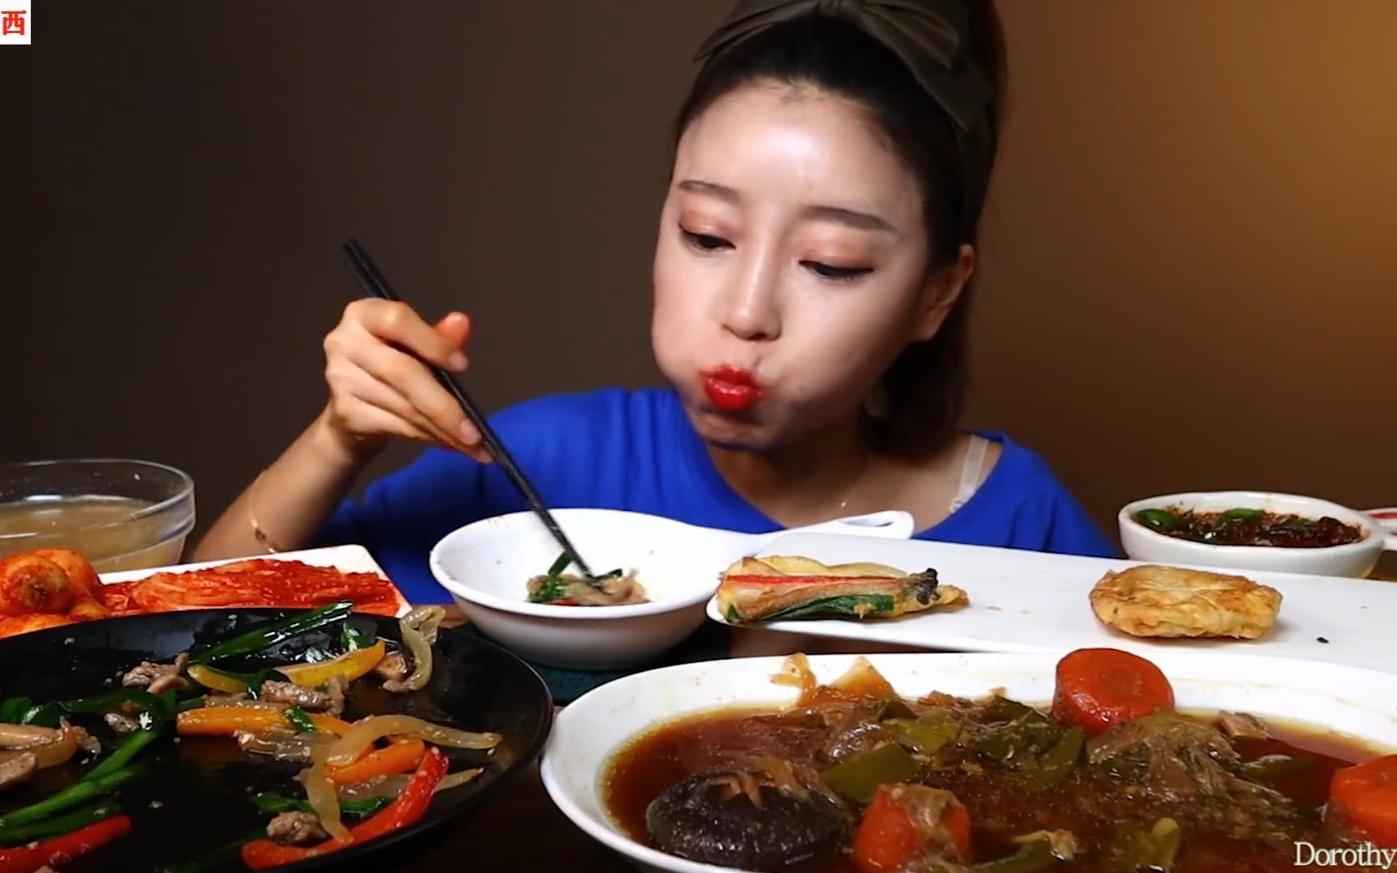 学网上食谱做了炖猪肉排骨,搭配泡菜一起吃,爽口又有嚼劲!